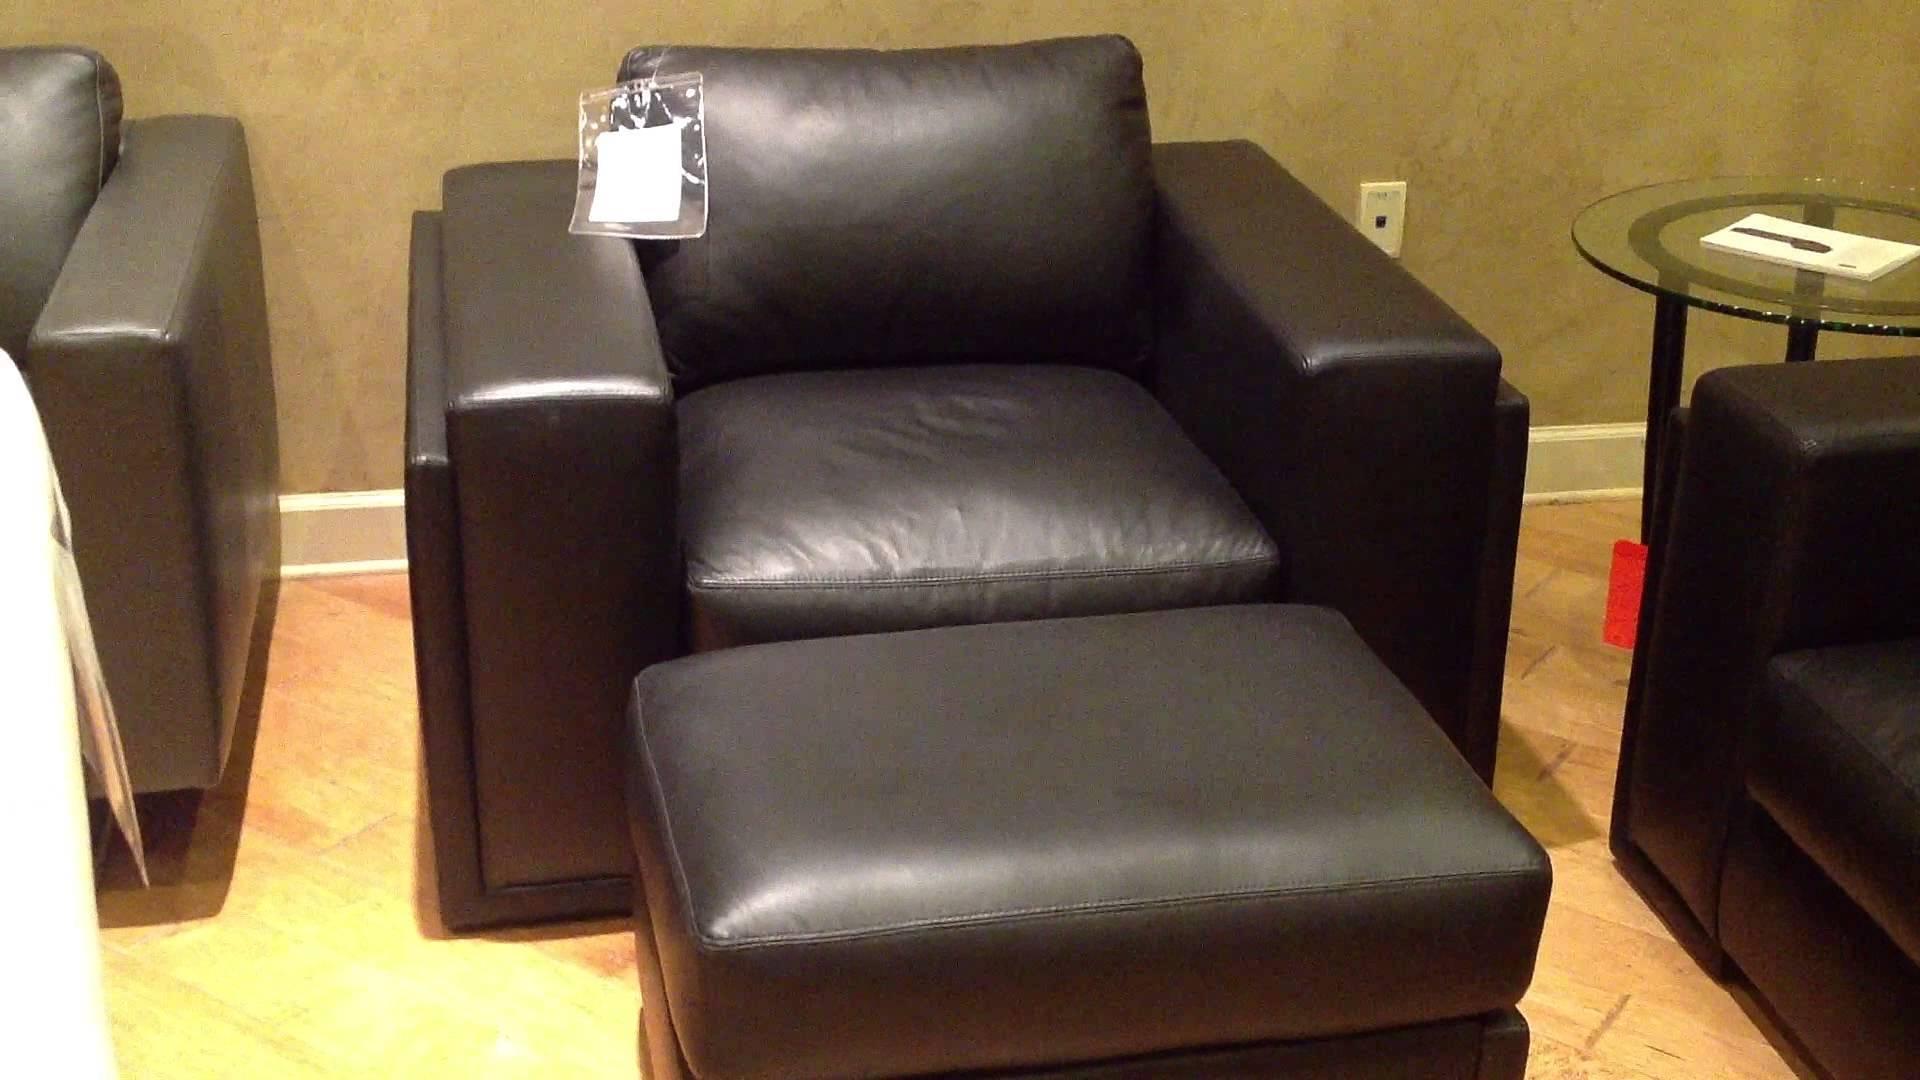 Sofa Chair And Ottoman – Thesofa inside Sofa Chair And Ottoman (Image 11 of 15)